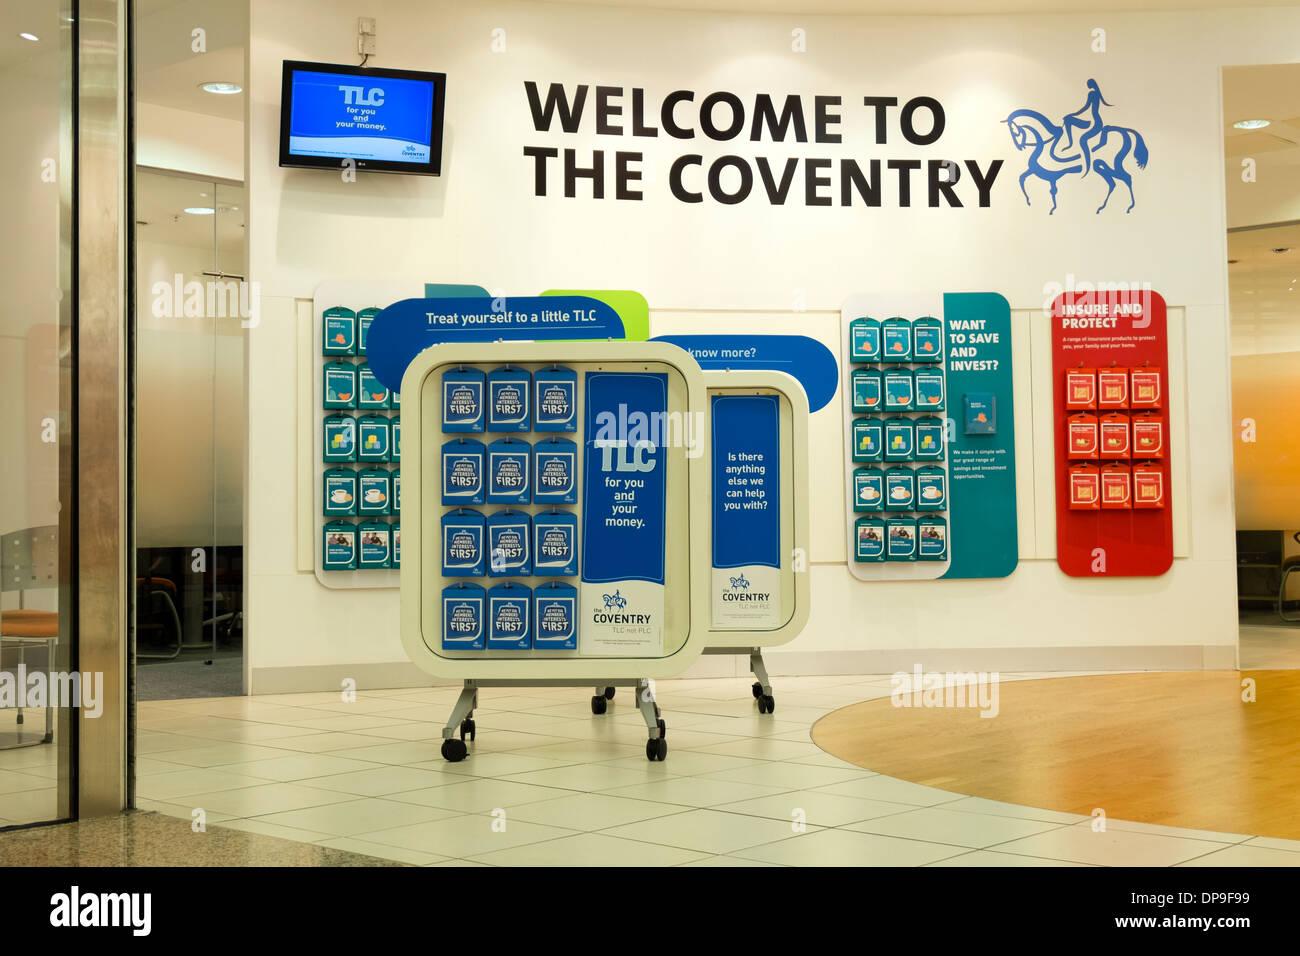 Coventry Bausparkasse bei Merry Hill, UK. Stockbild